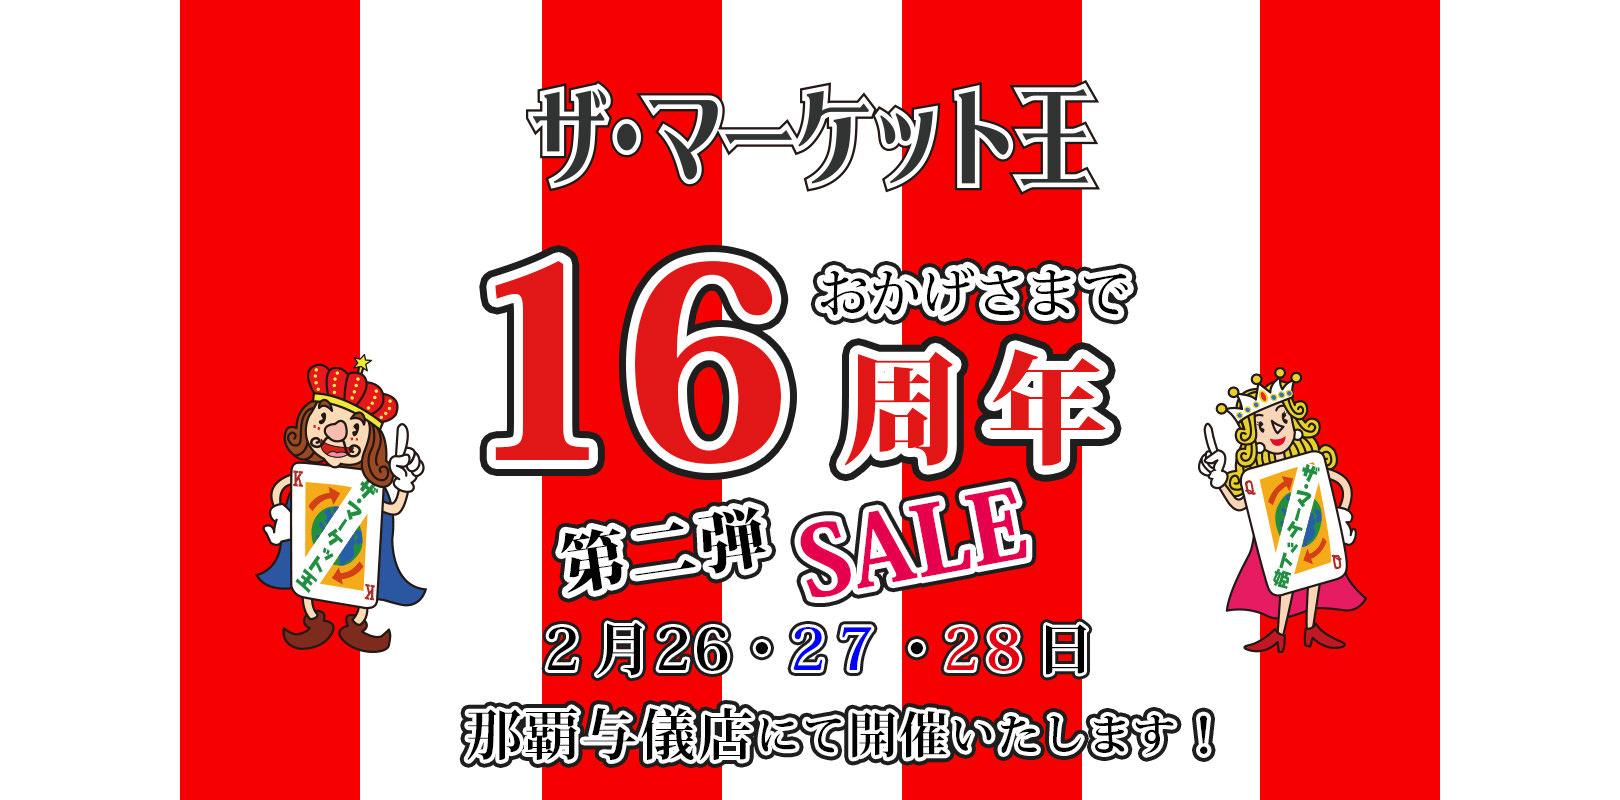 ザ・マーケット王16周年SALE第2弾!